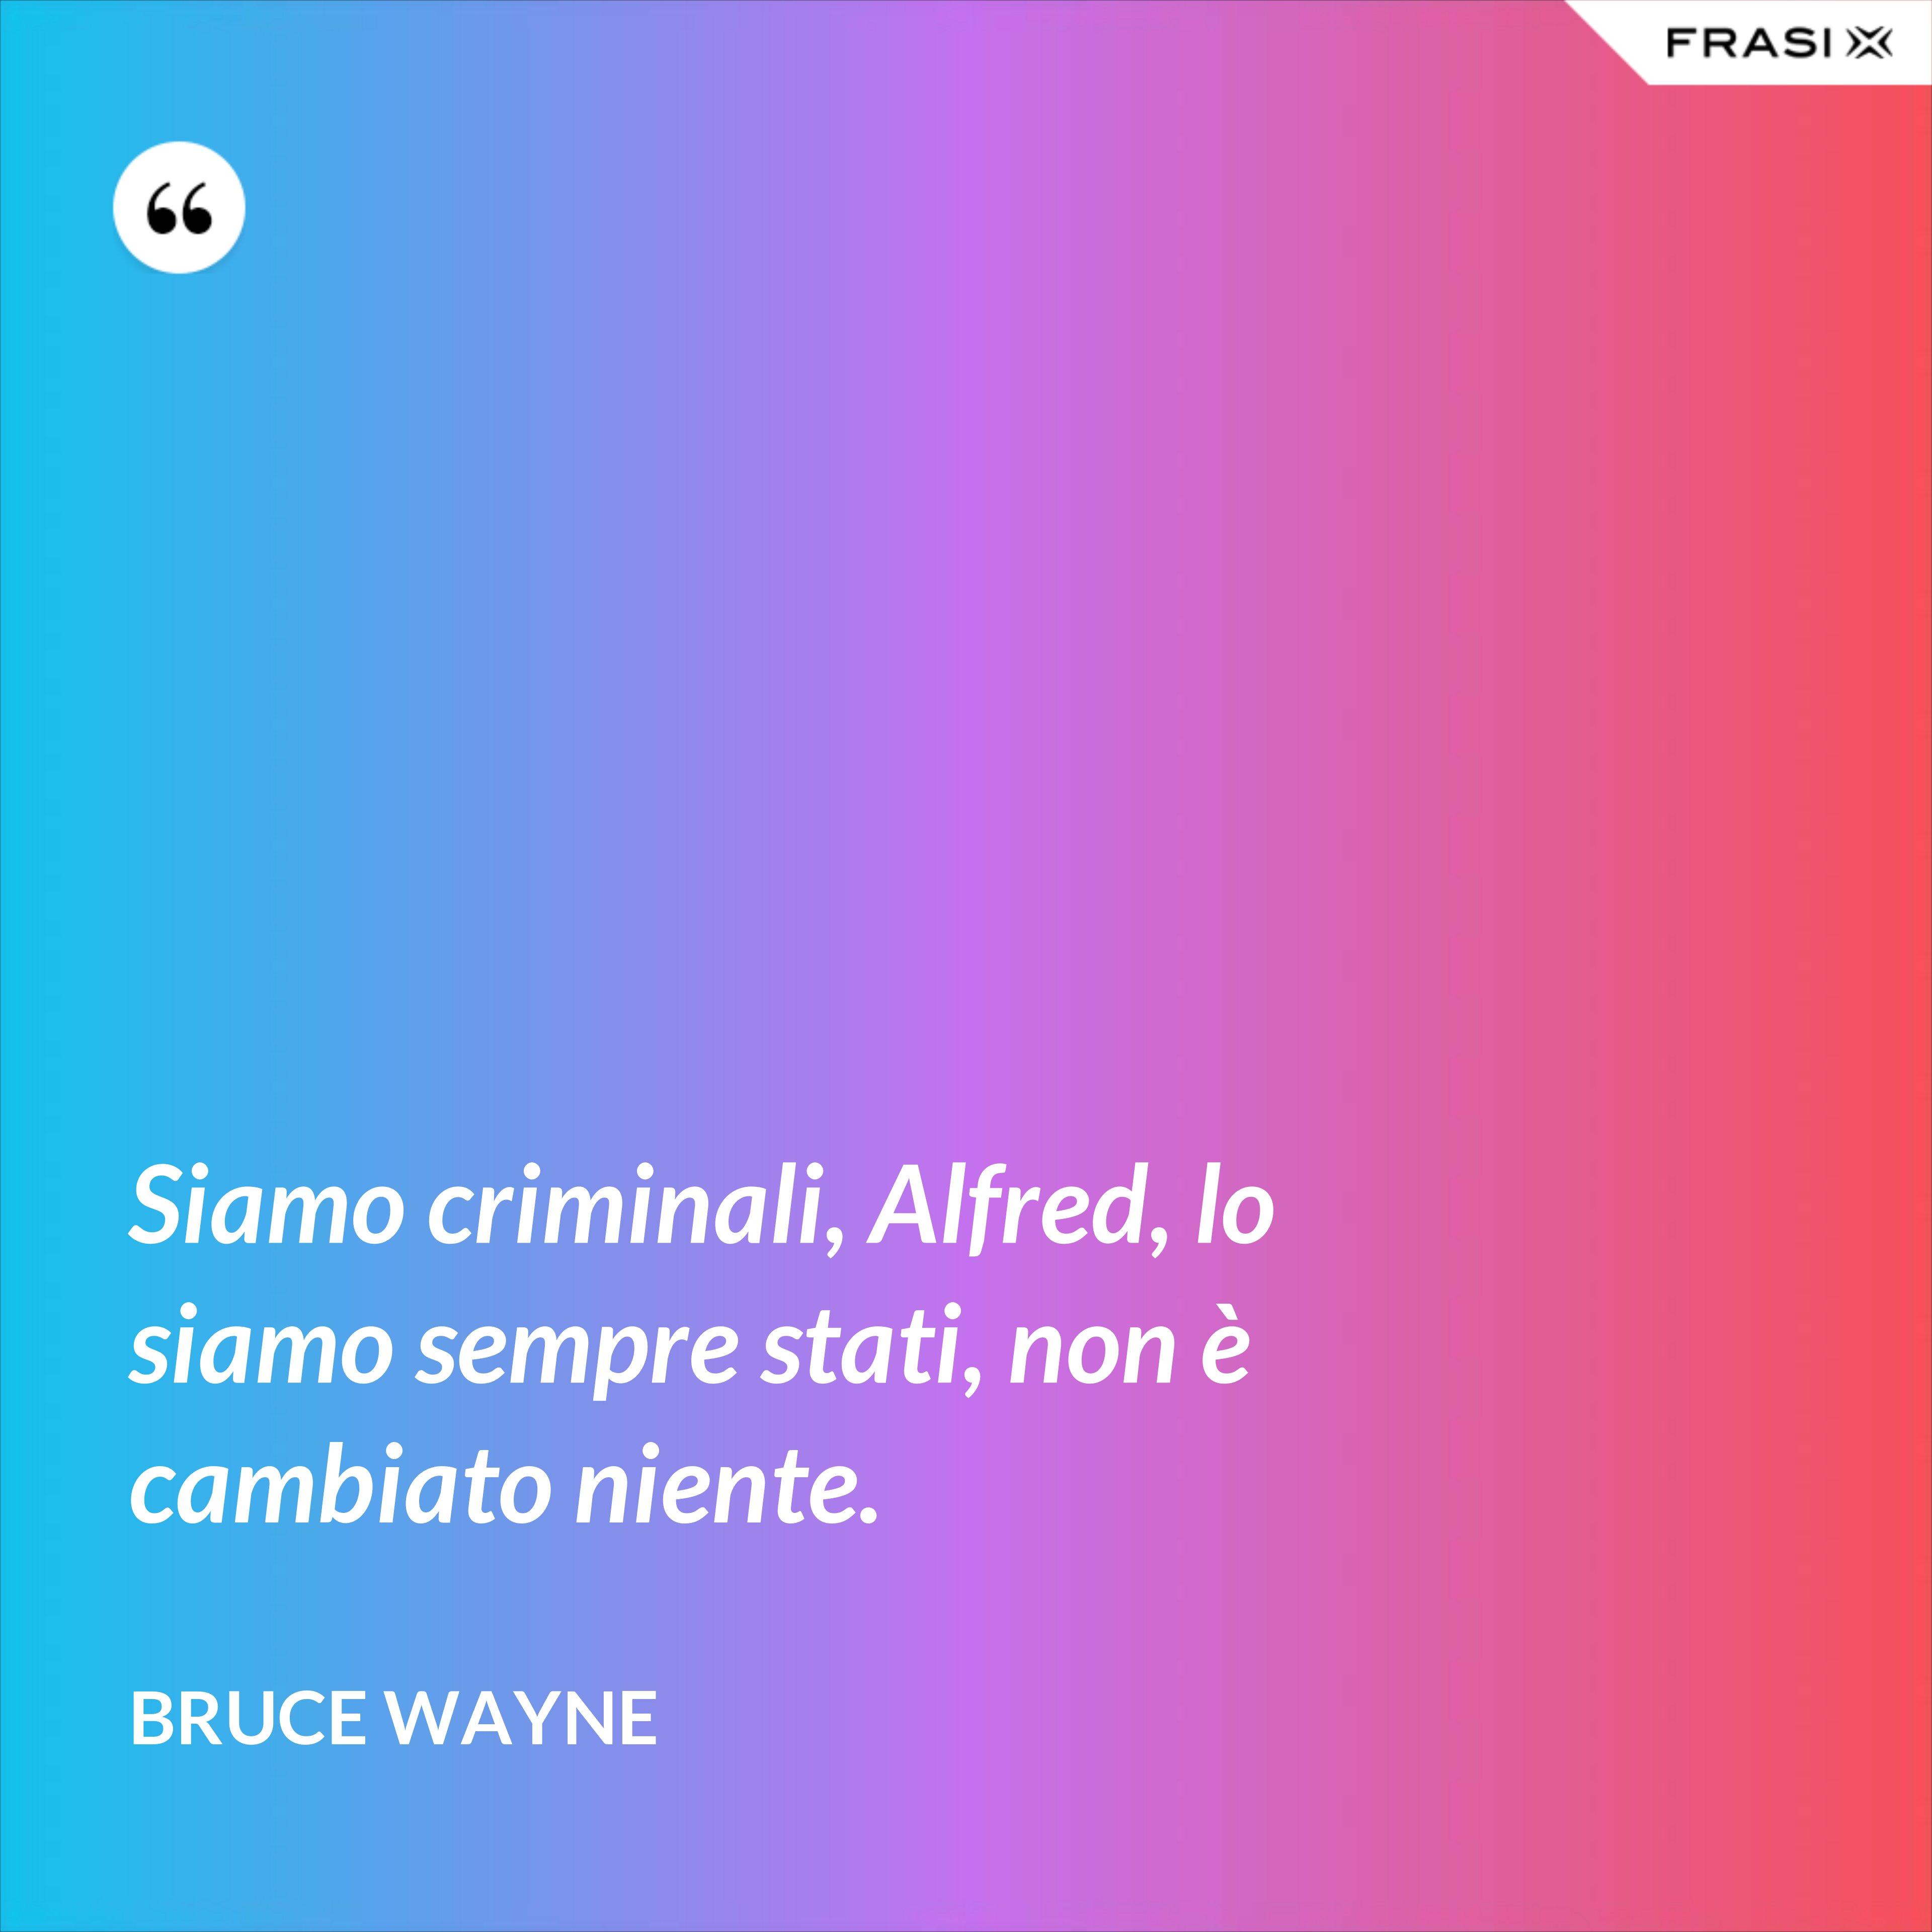 Siamo criminali, Alfred, lo siamo sempre stati, non è cambiato niente. - Bruce Wayne